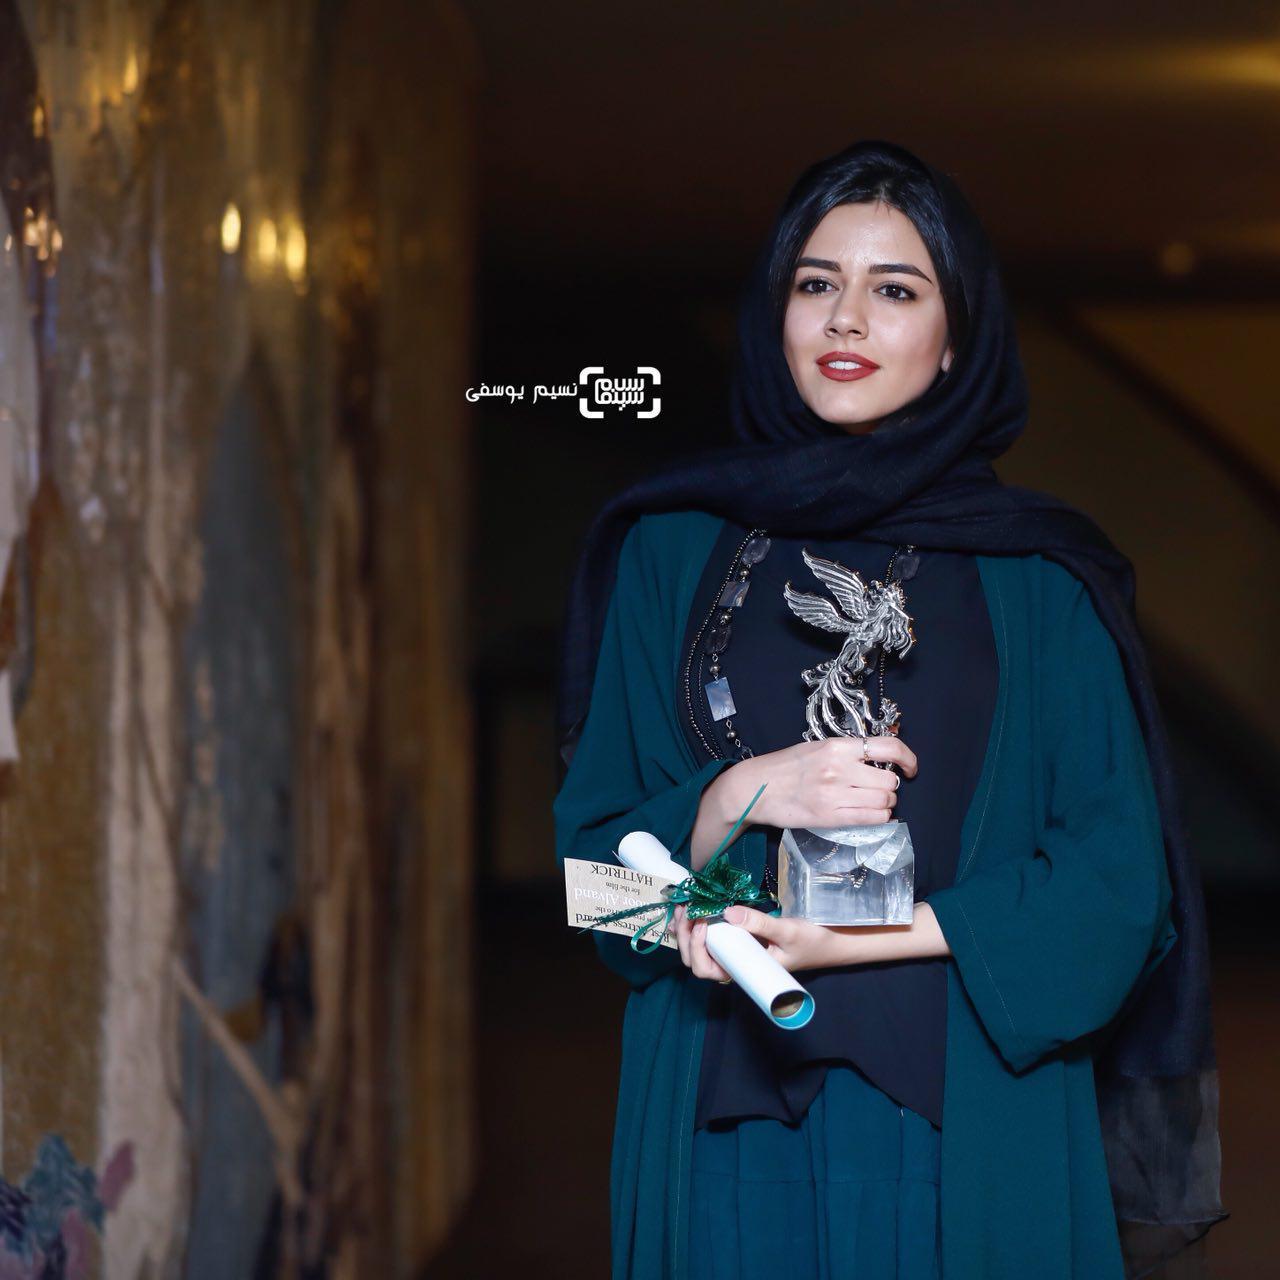 گزارش تصویری از روز هفتم و اختتامیه سی و ششمین جشنواره جهانی فیلم فجر